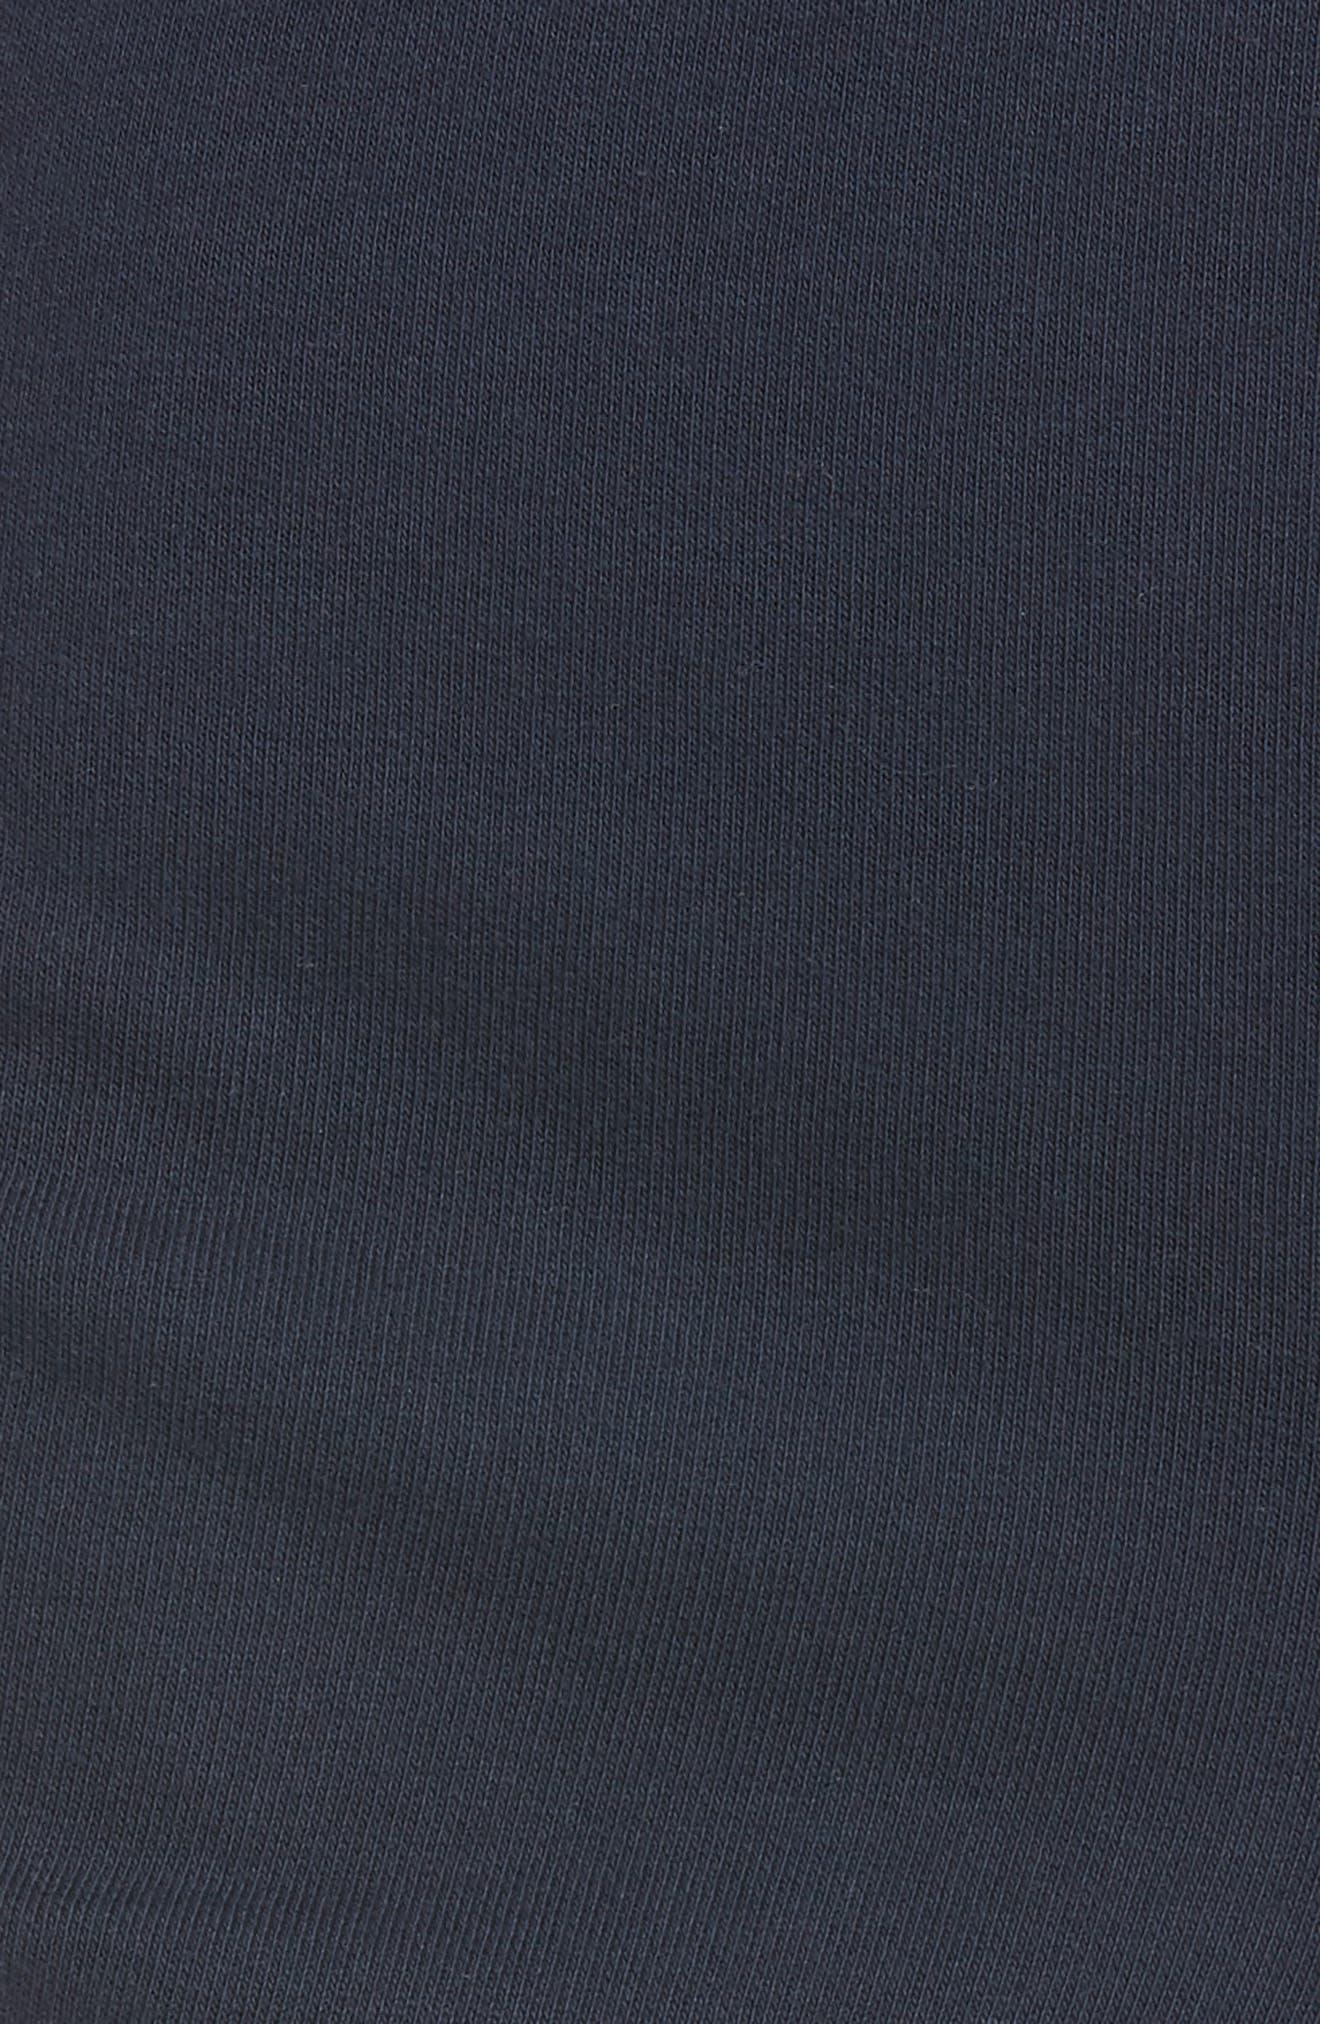 Sleep Shorts,                             Alternate thumbnail 5, color,                             SHORELINE